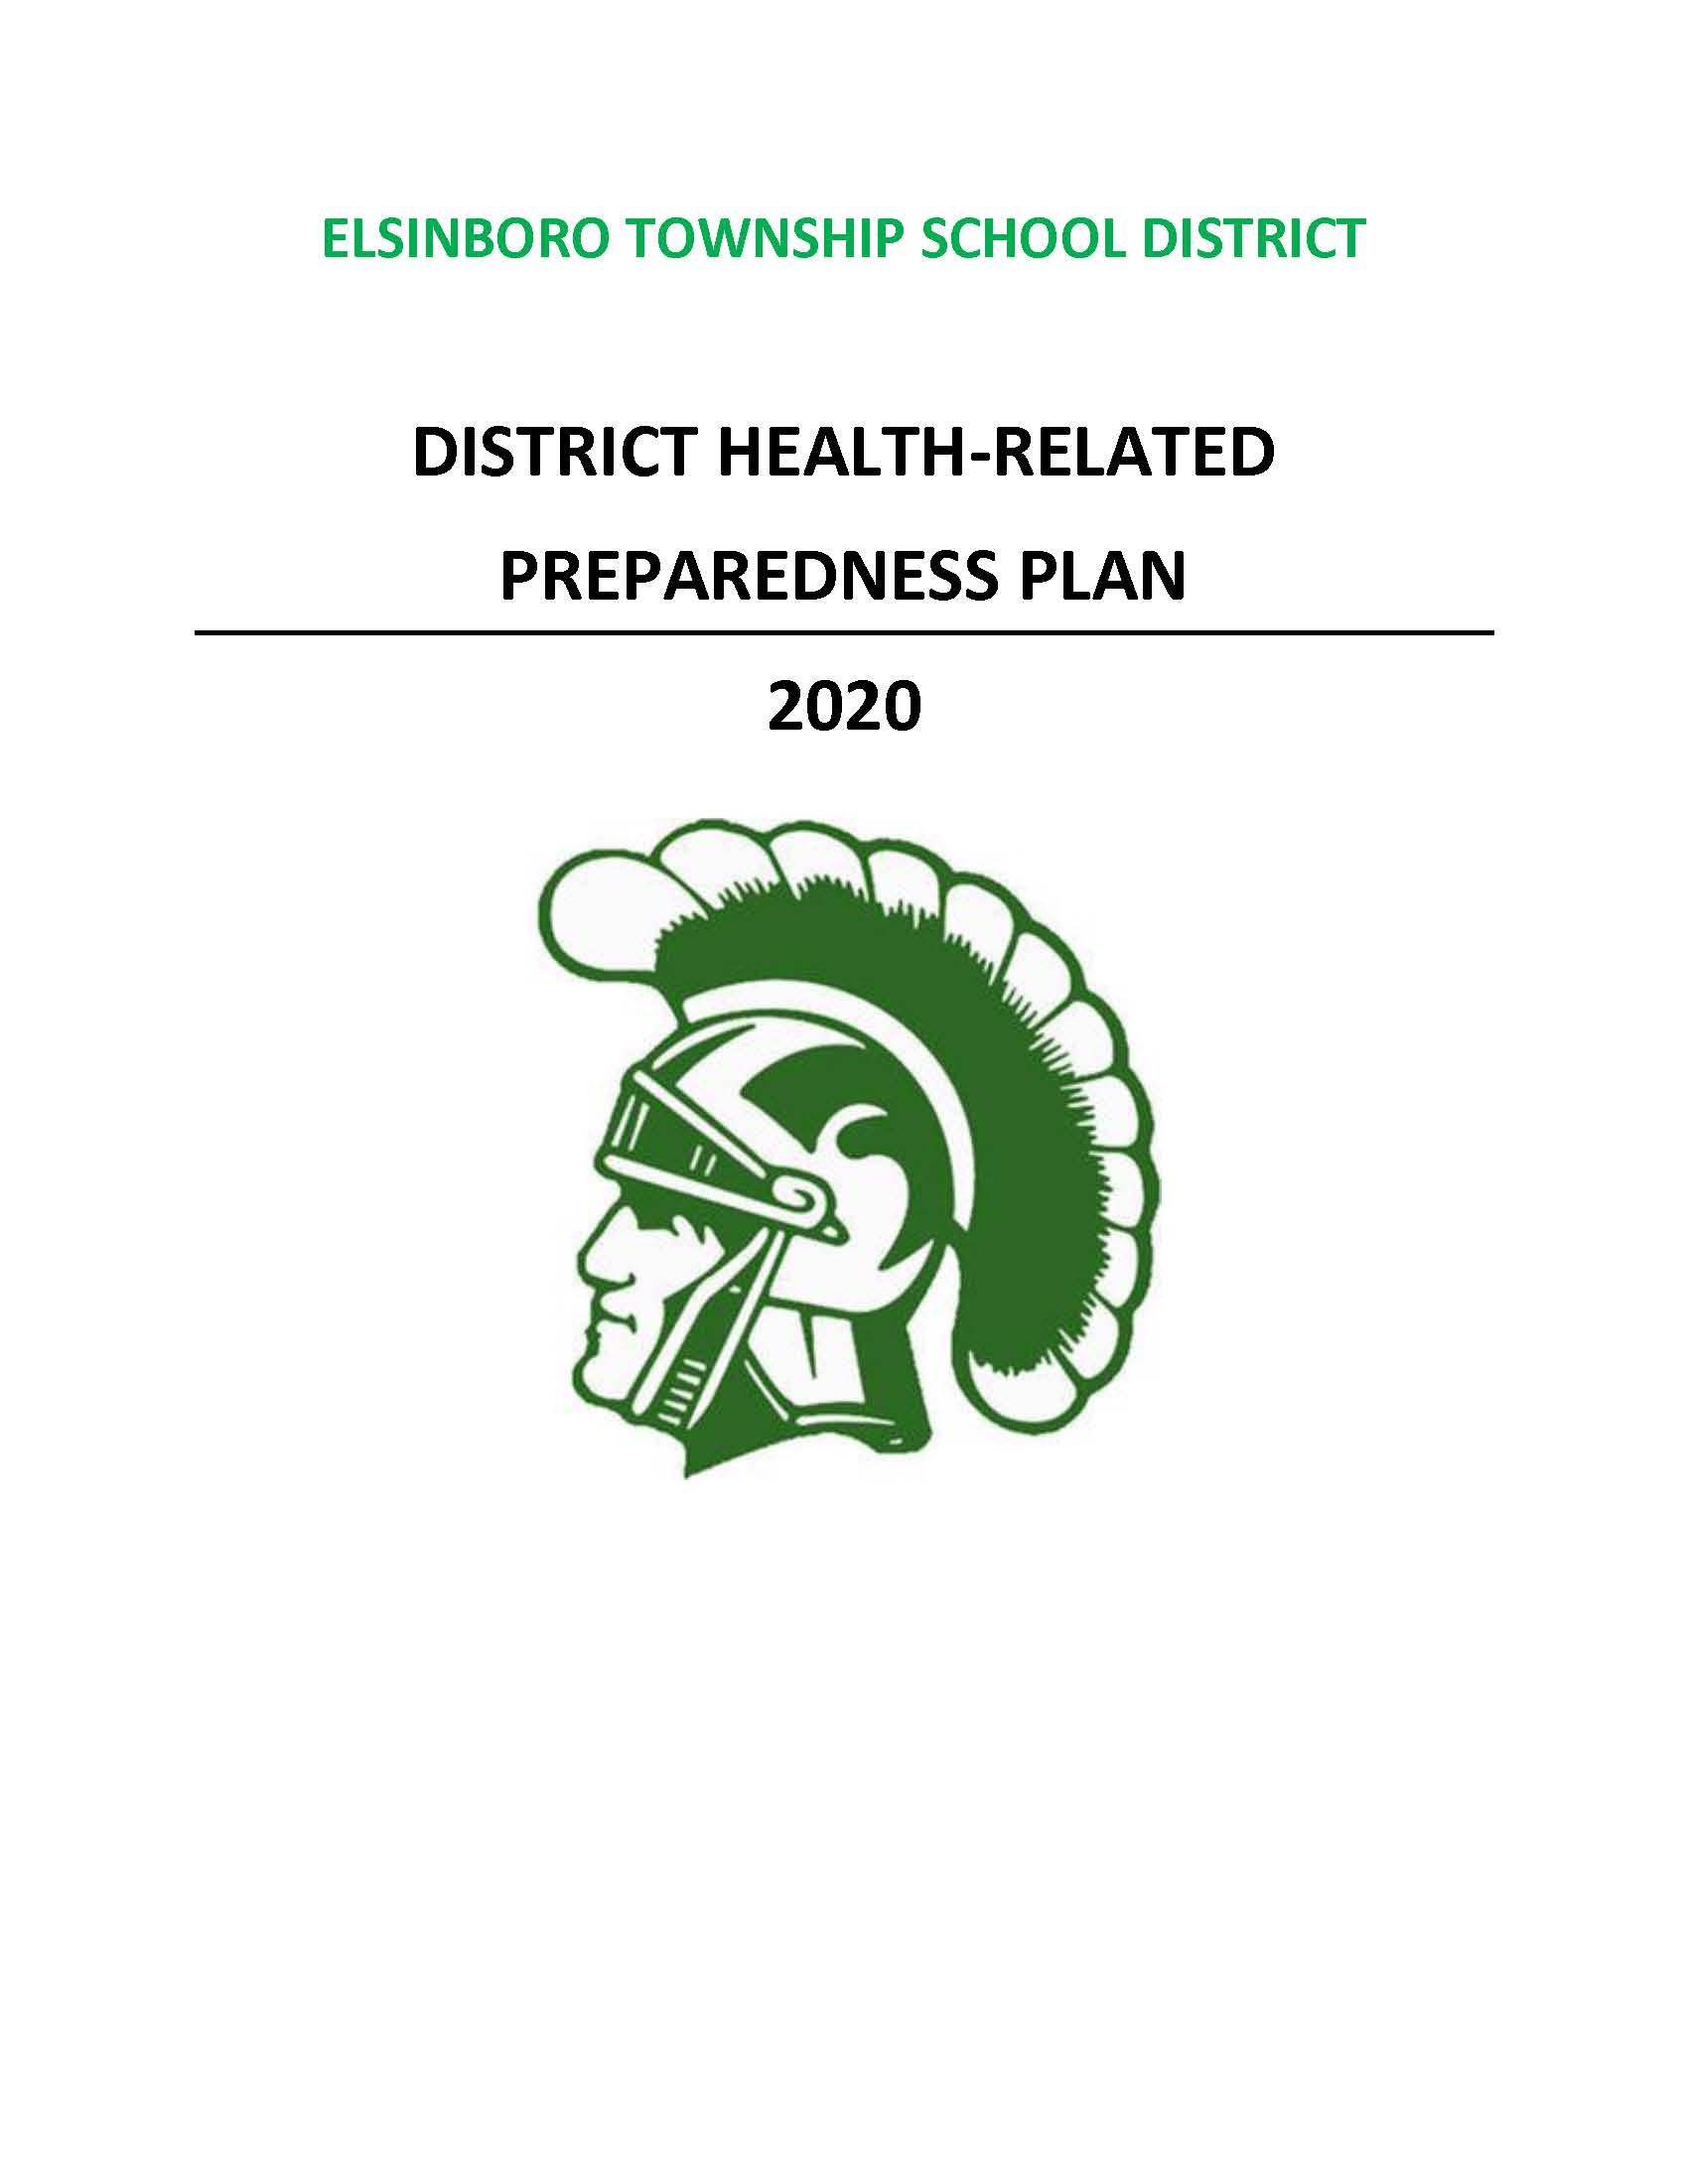 COVID19Letter Preparedness Plan Prepare Covid